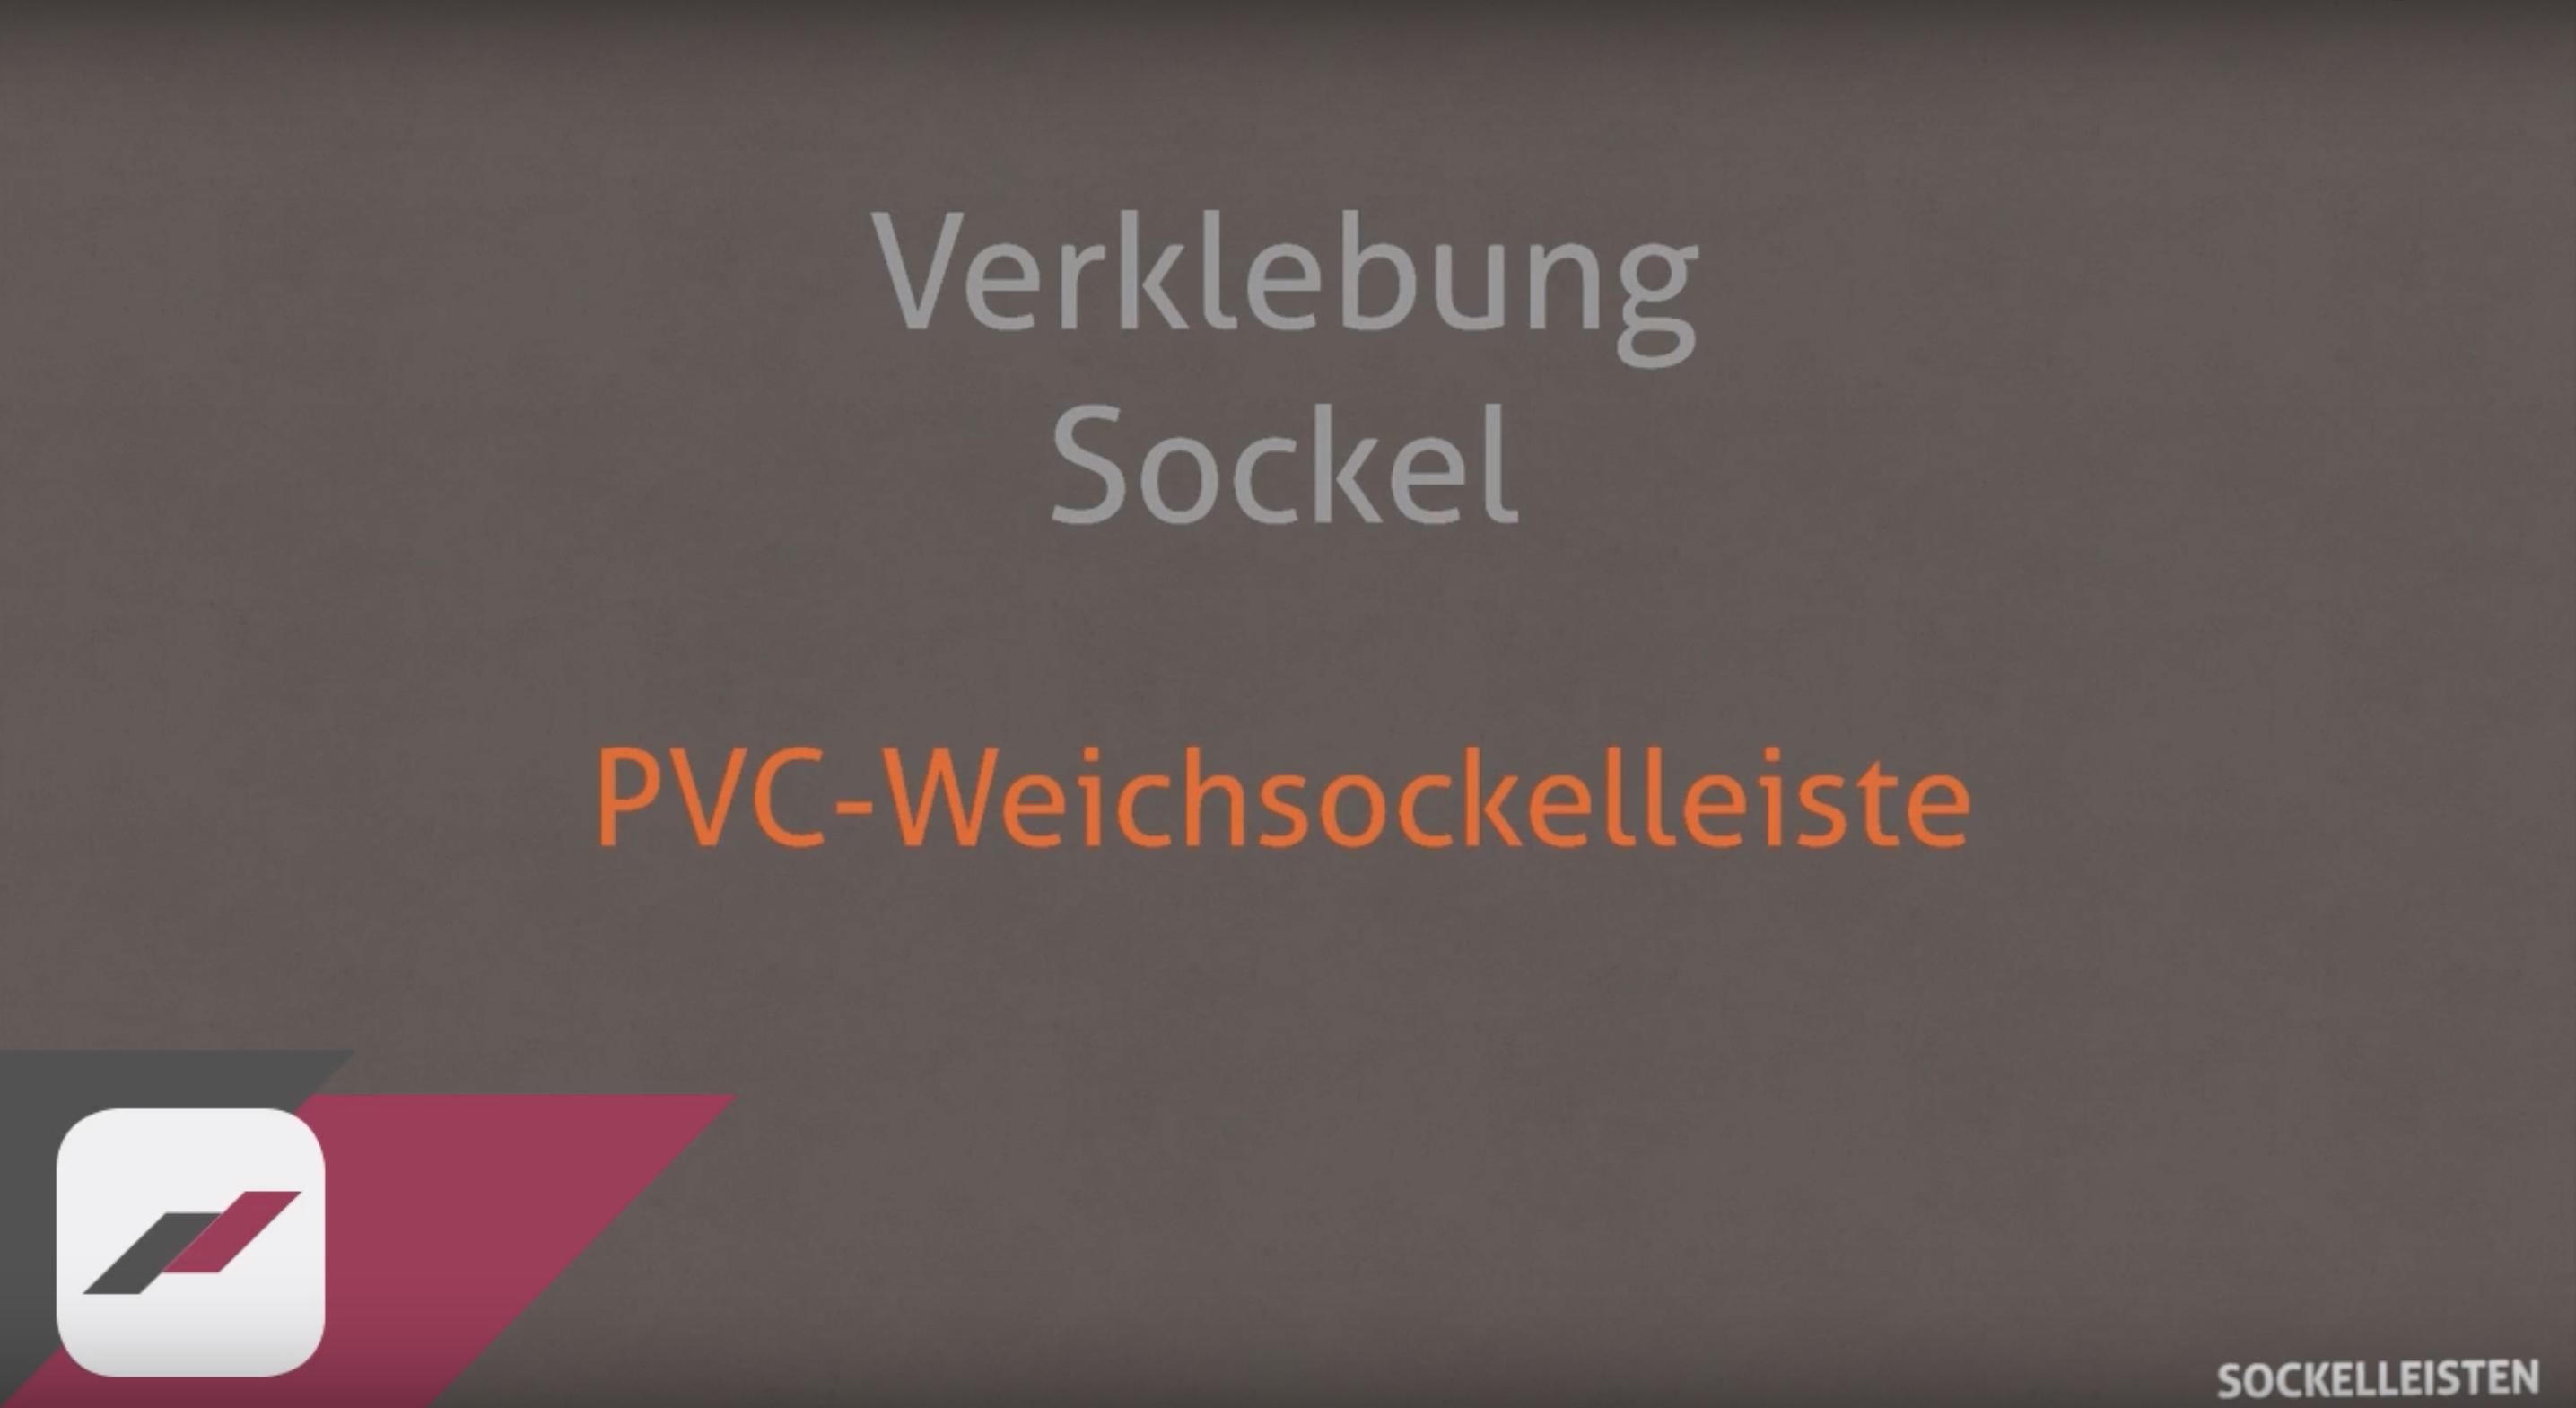 PVC Weichsockelleiste verkleben und anbringen | Bodenversand24